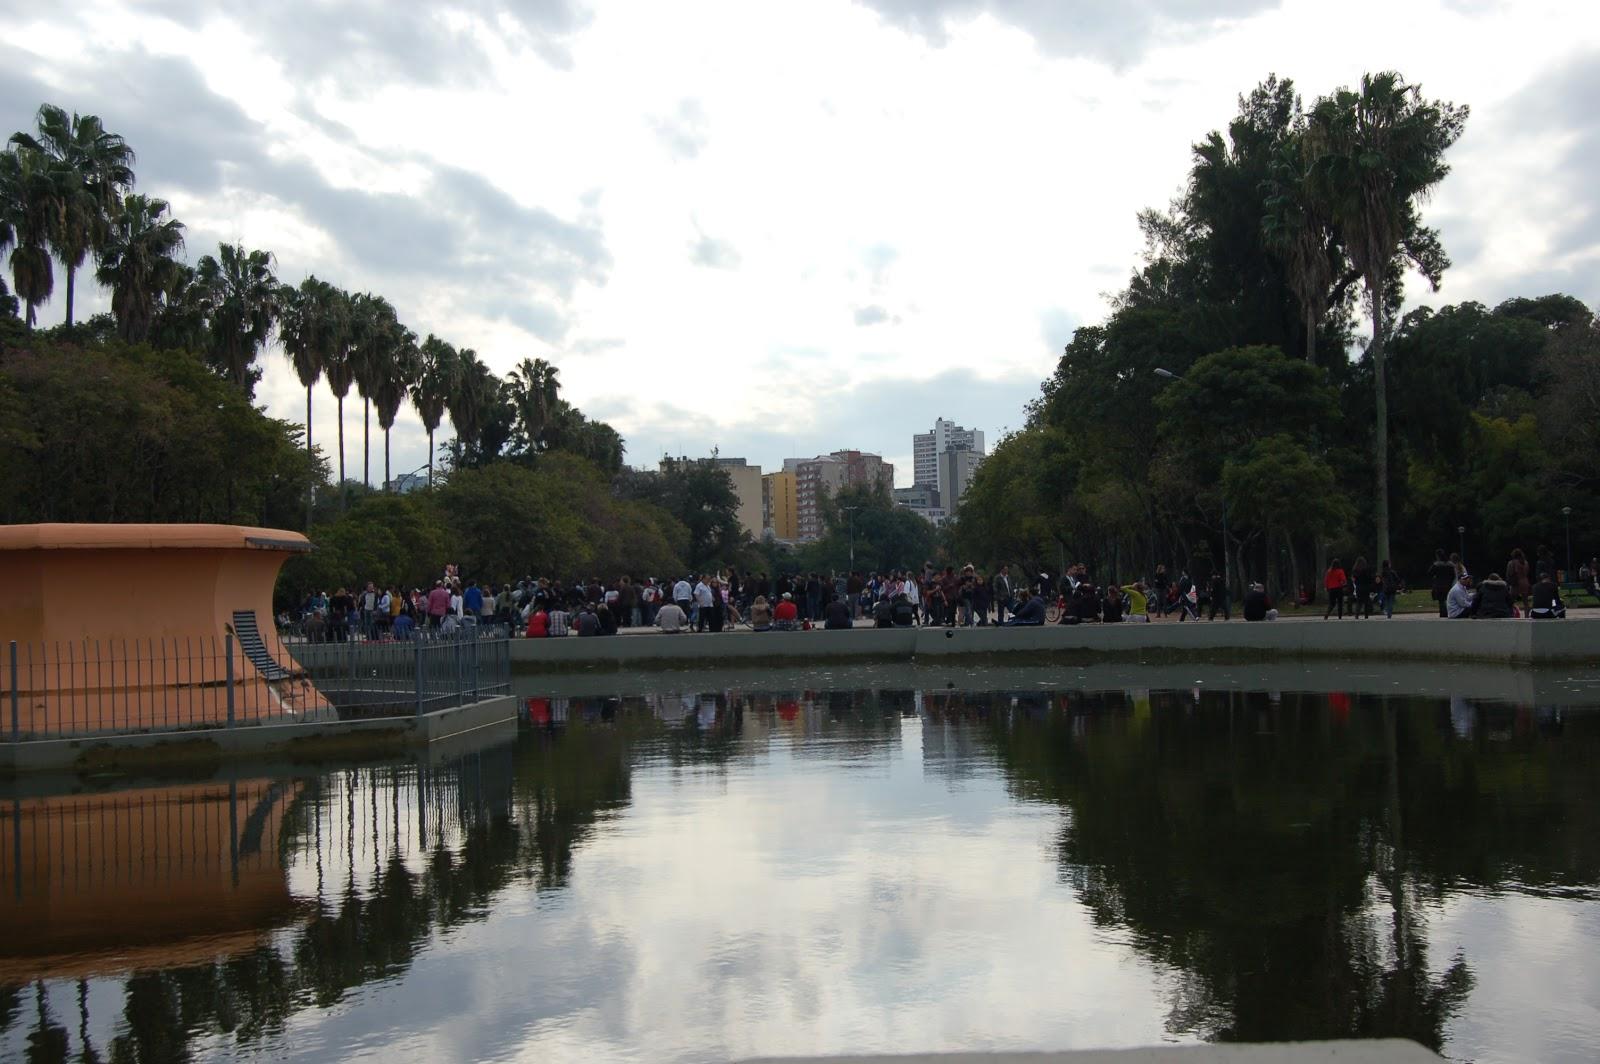 parque da redenção em porto alegre